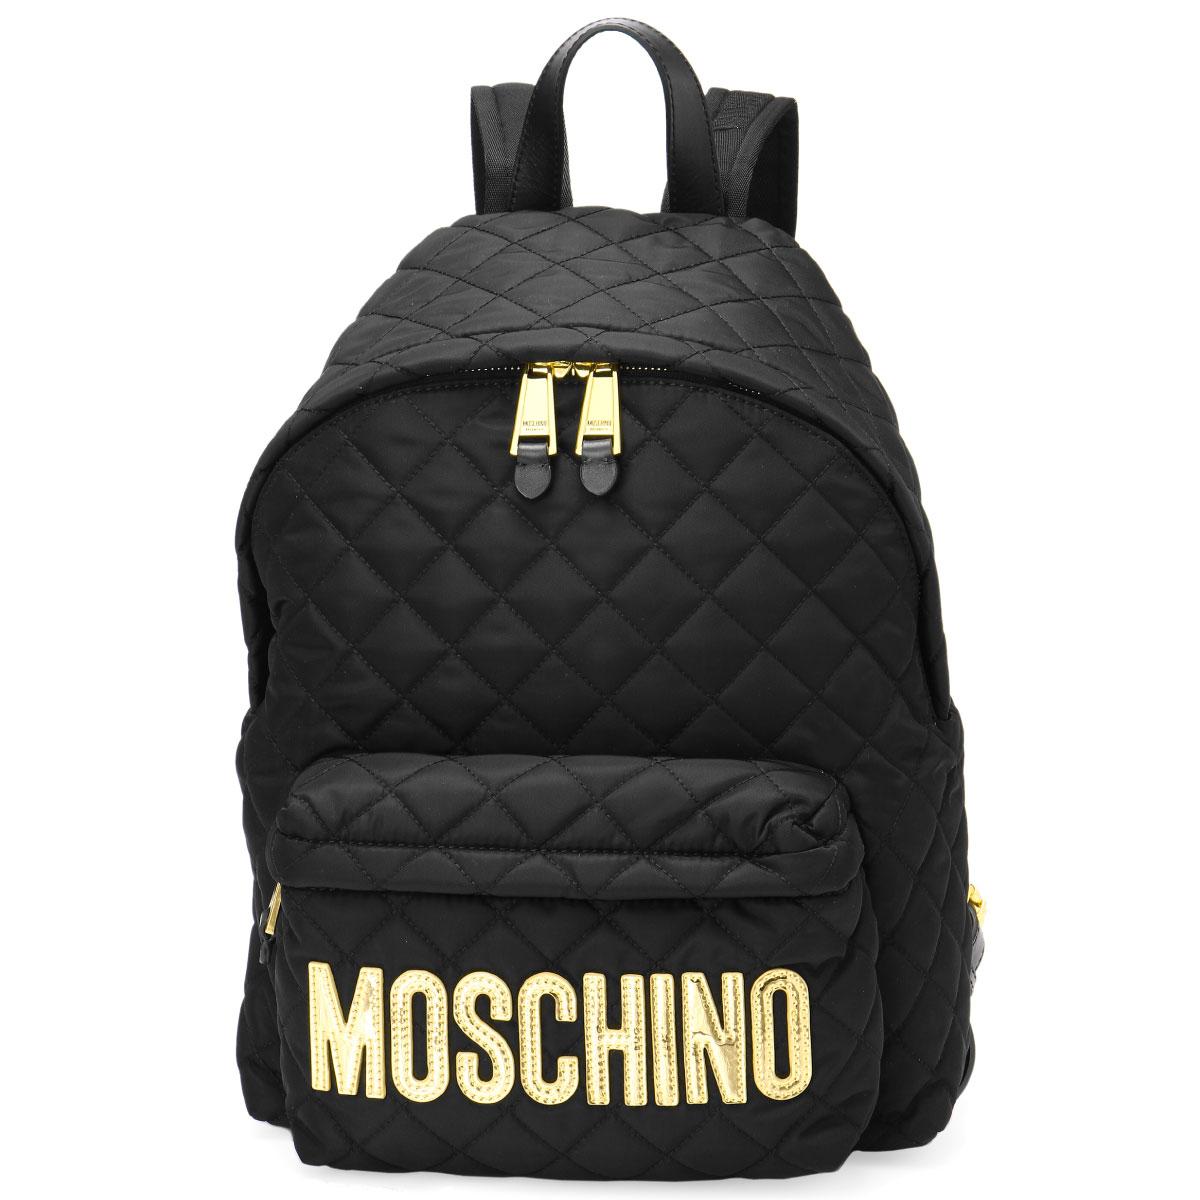 モスキーノ MOSCHINO バッグ レディース B7607 8201 2555 バックパック BLACK ブラック